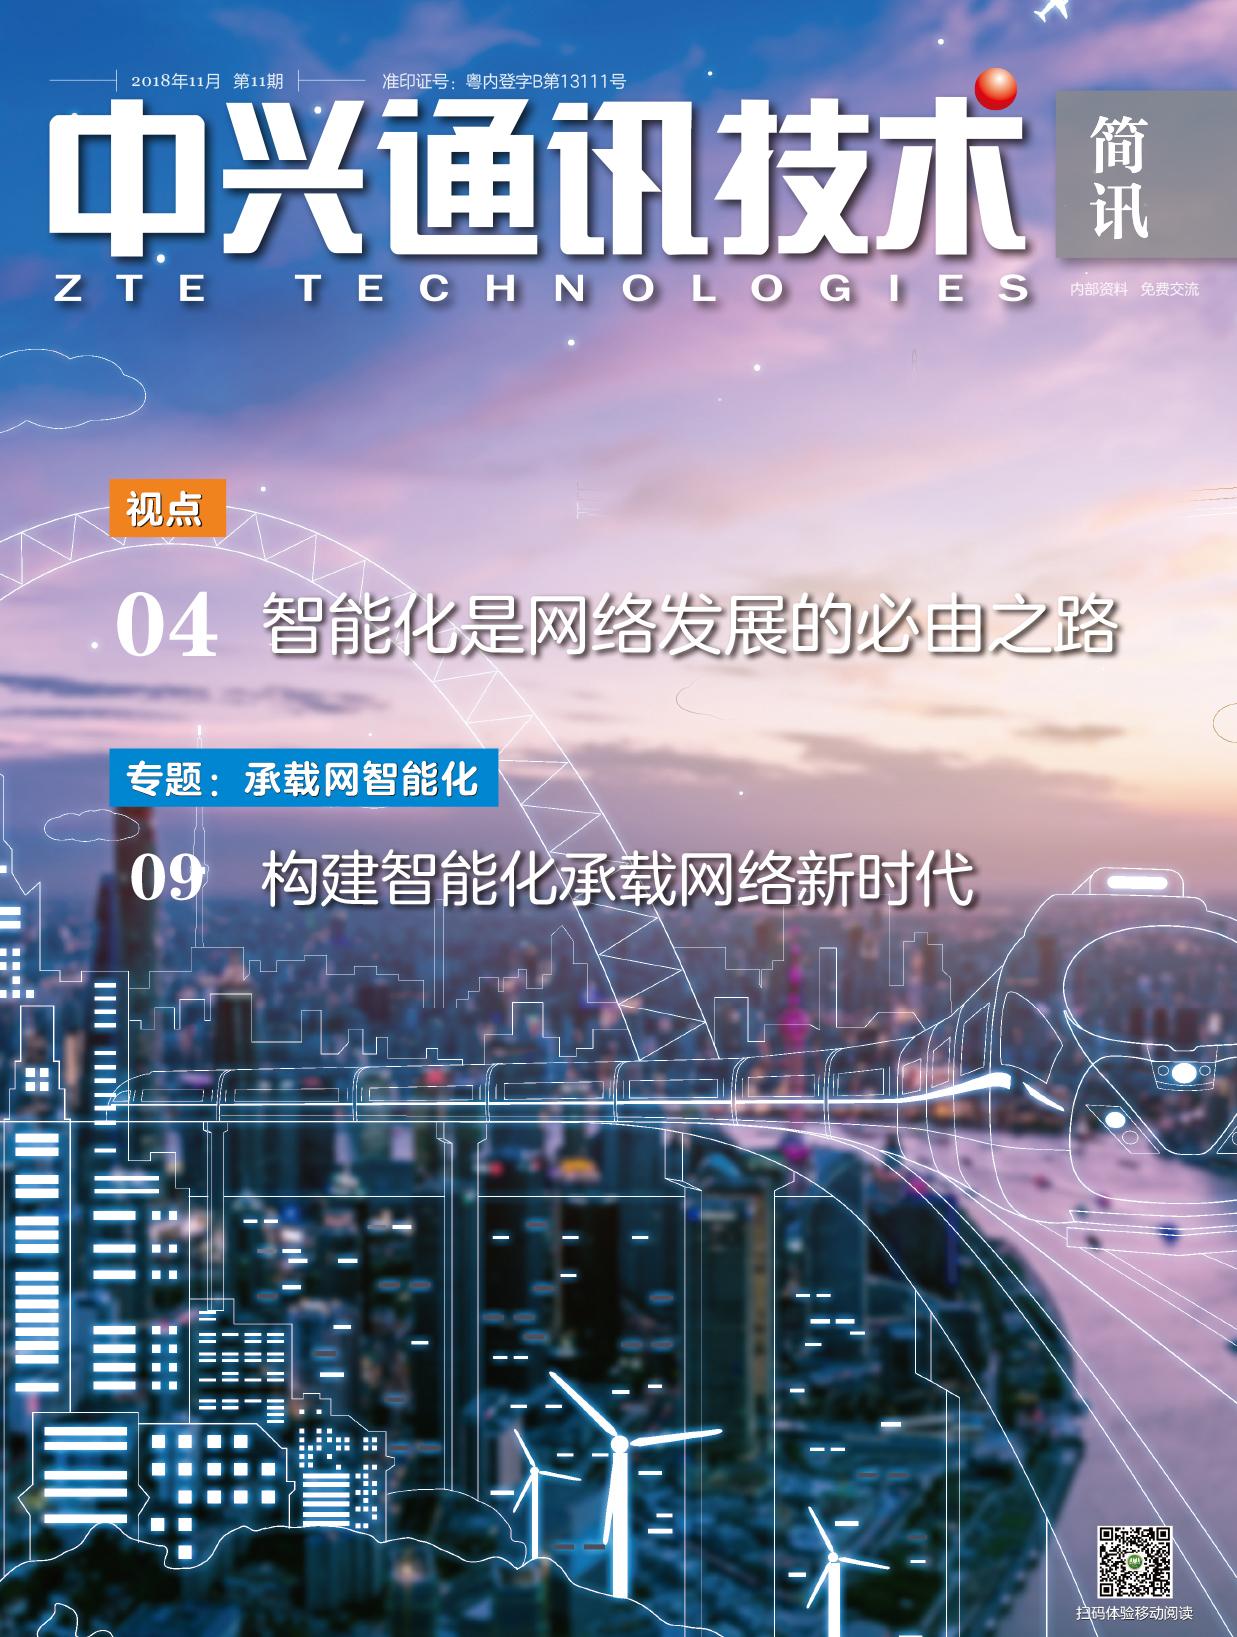 专题:承载网智能化 2018年第11期 总第362期